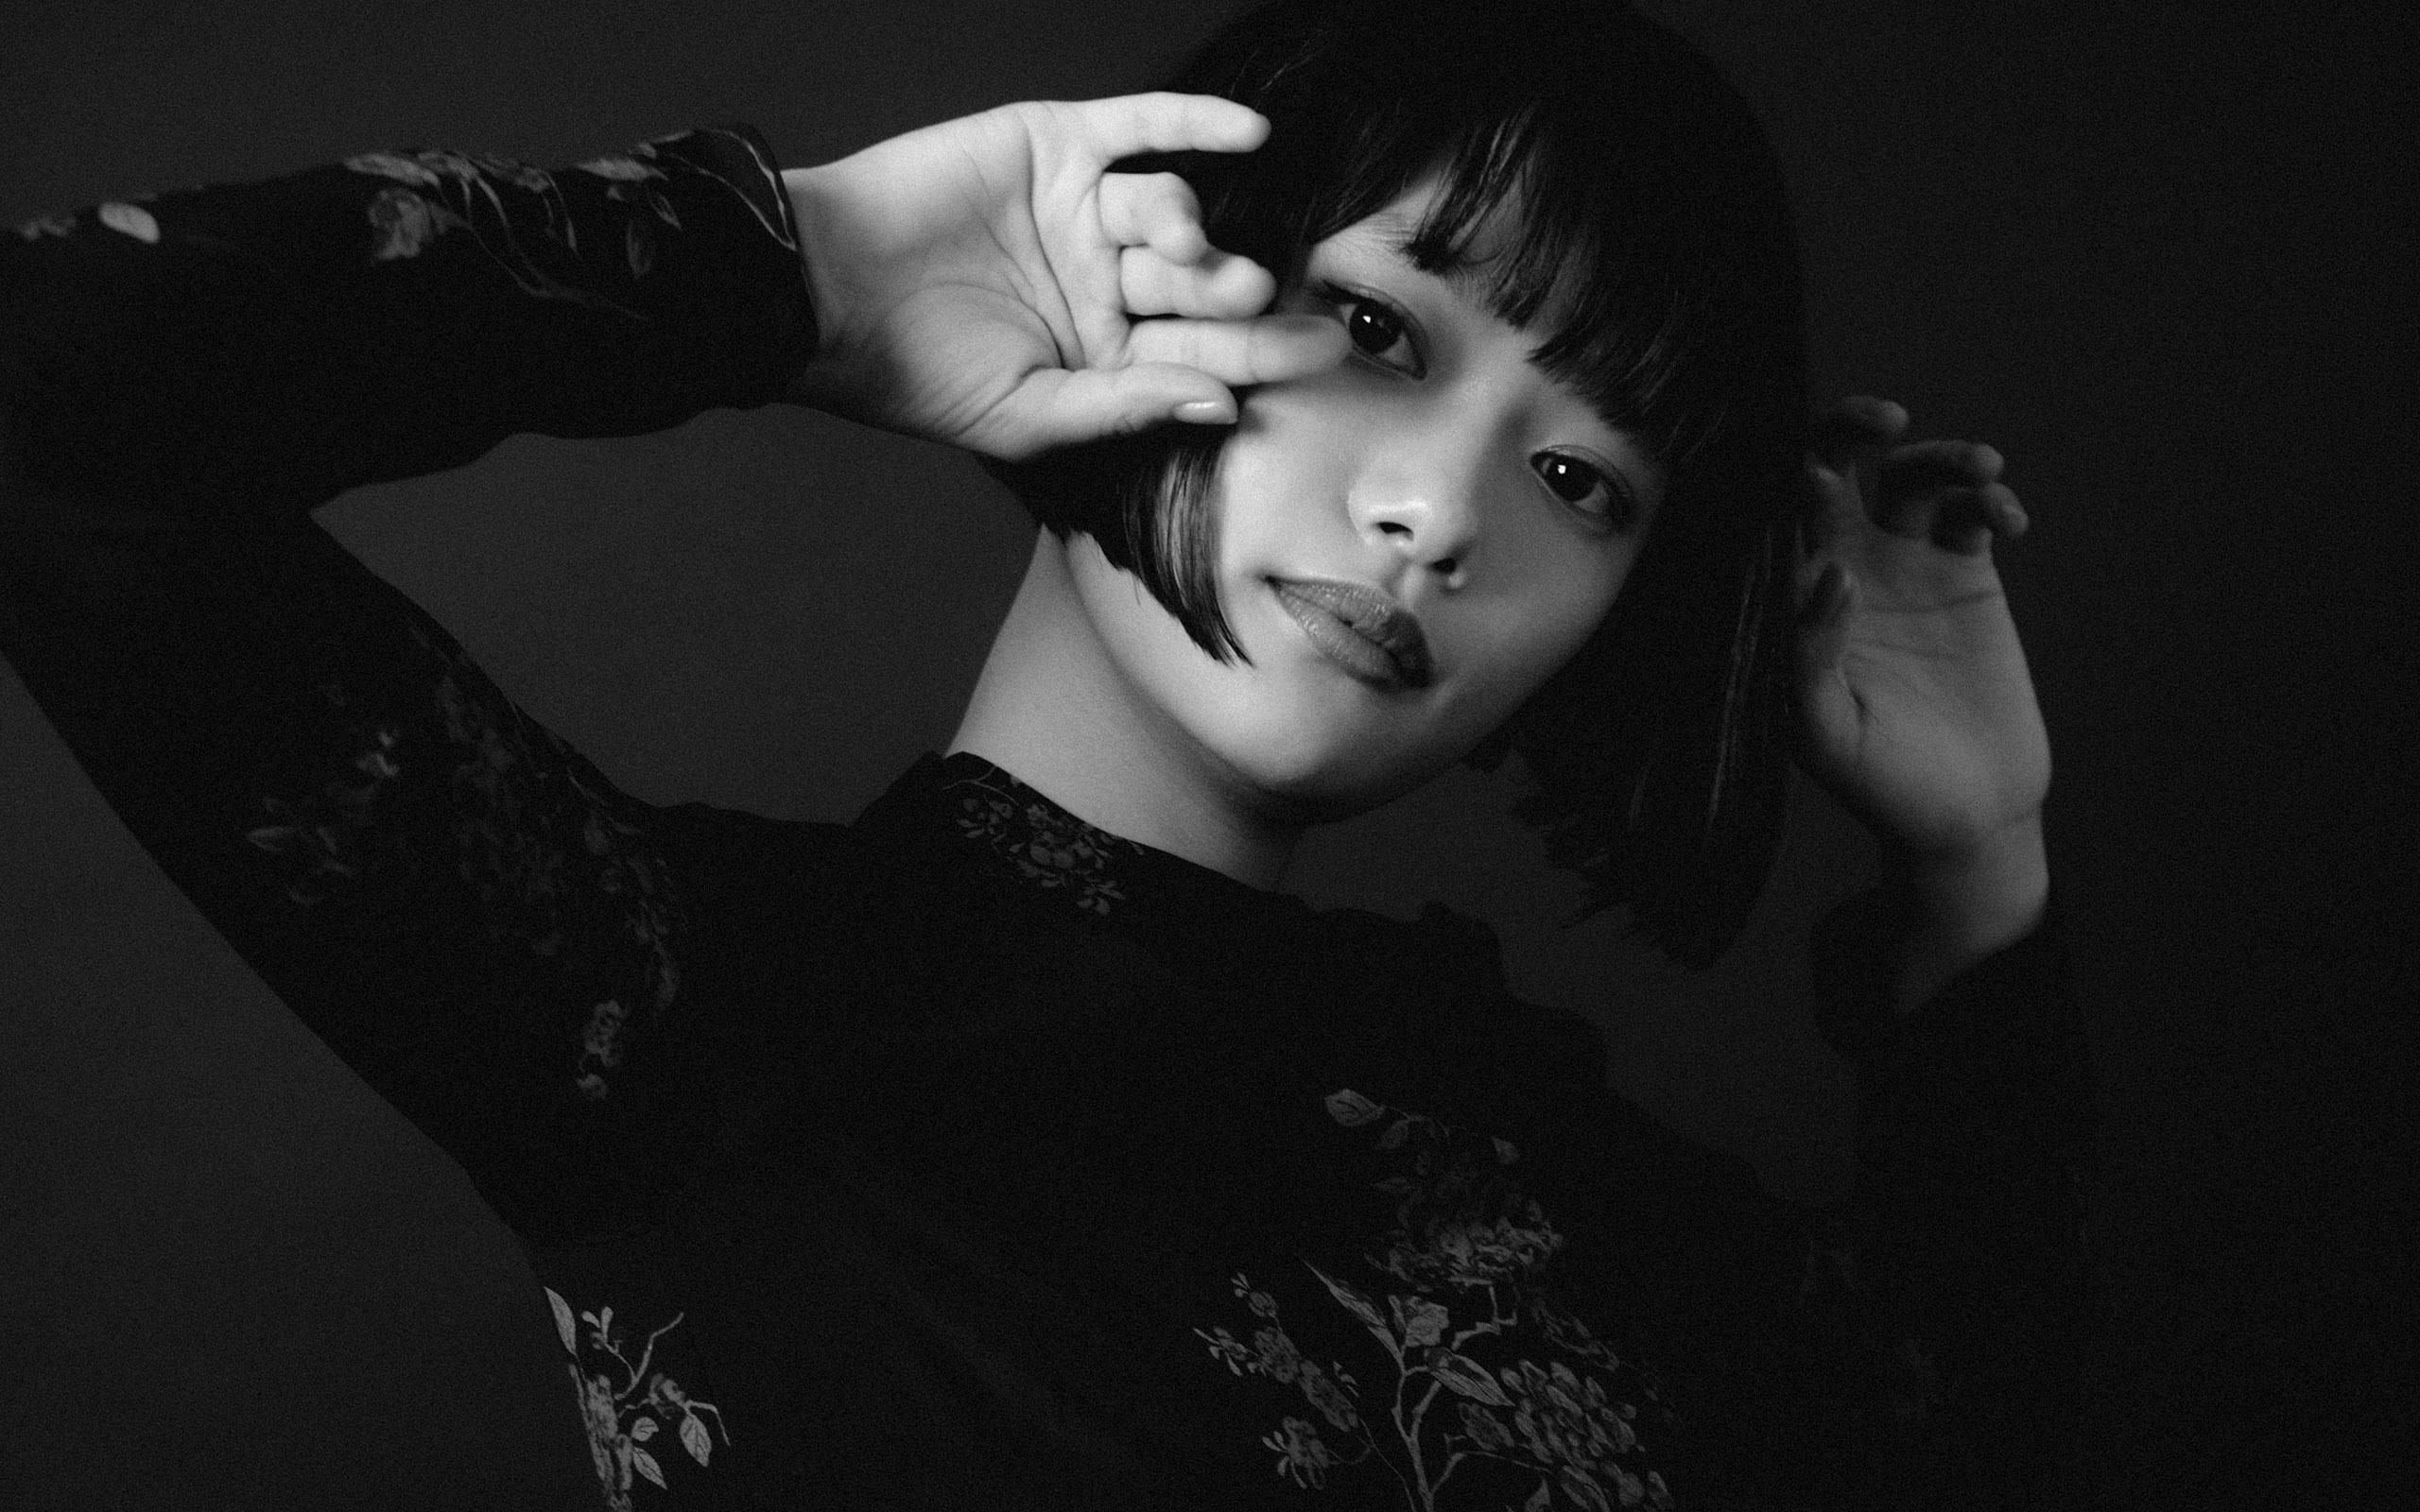 ドレス¥184,000、REDValentino (レッド ヴァレンティノ ) |  Photo by Tetsuo Kashiwada